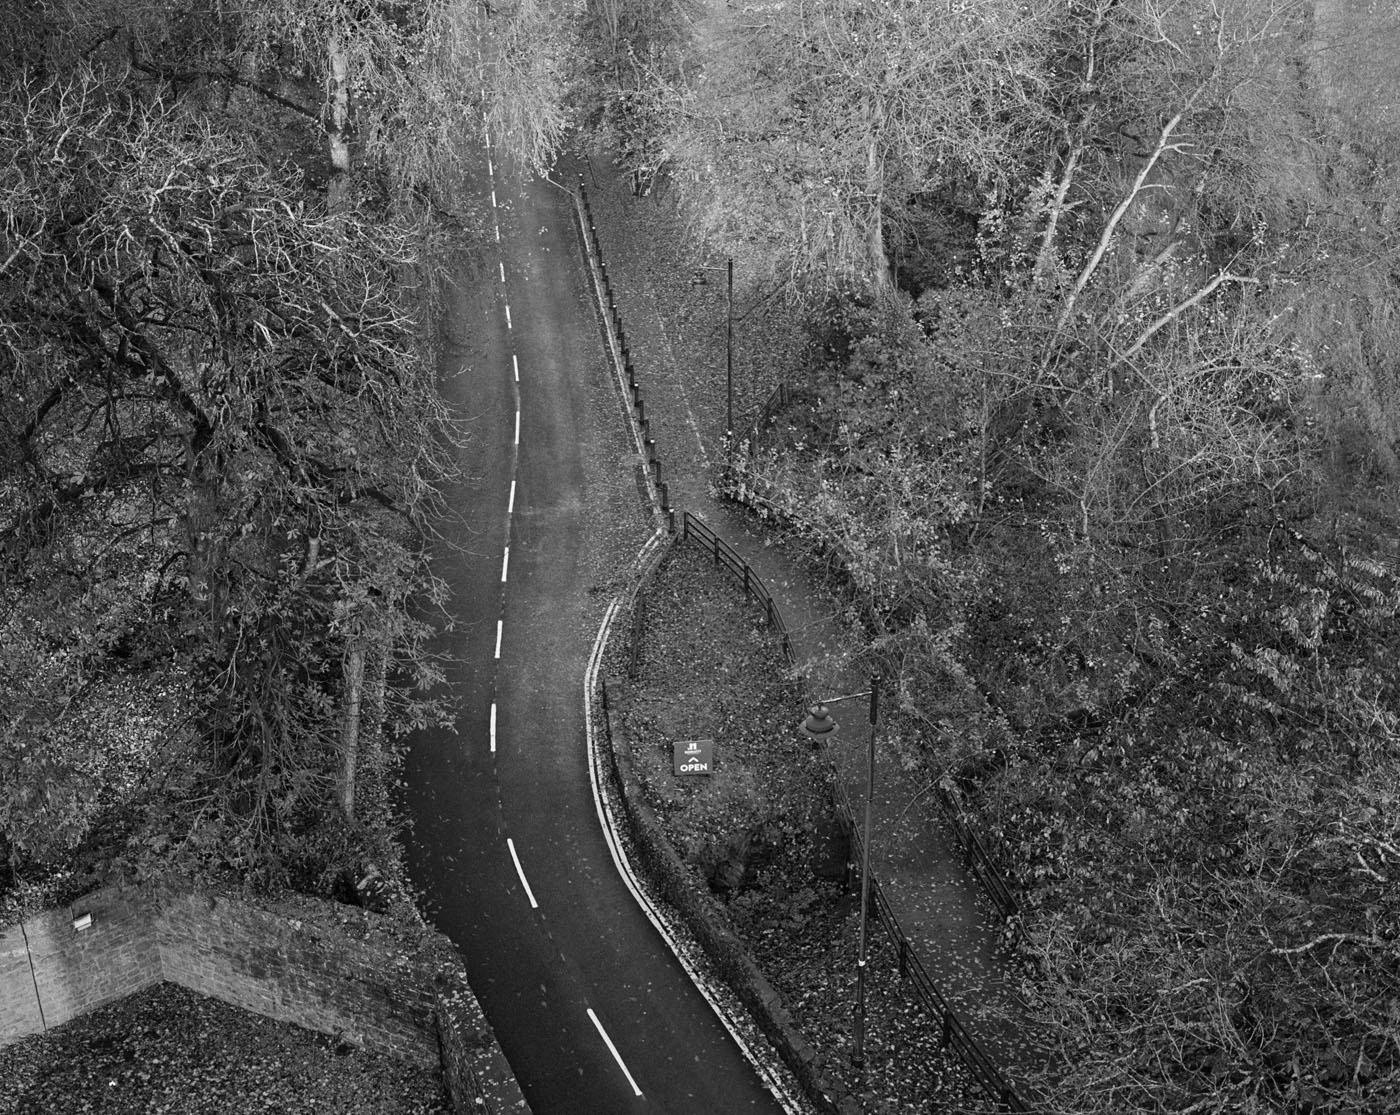 © Daisy O'Neill, 'Road'